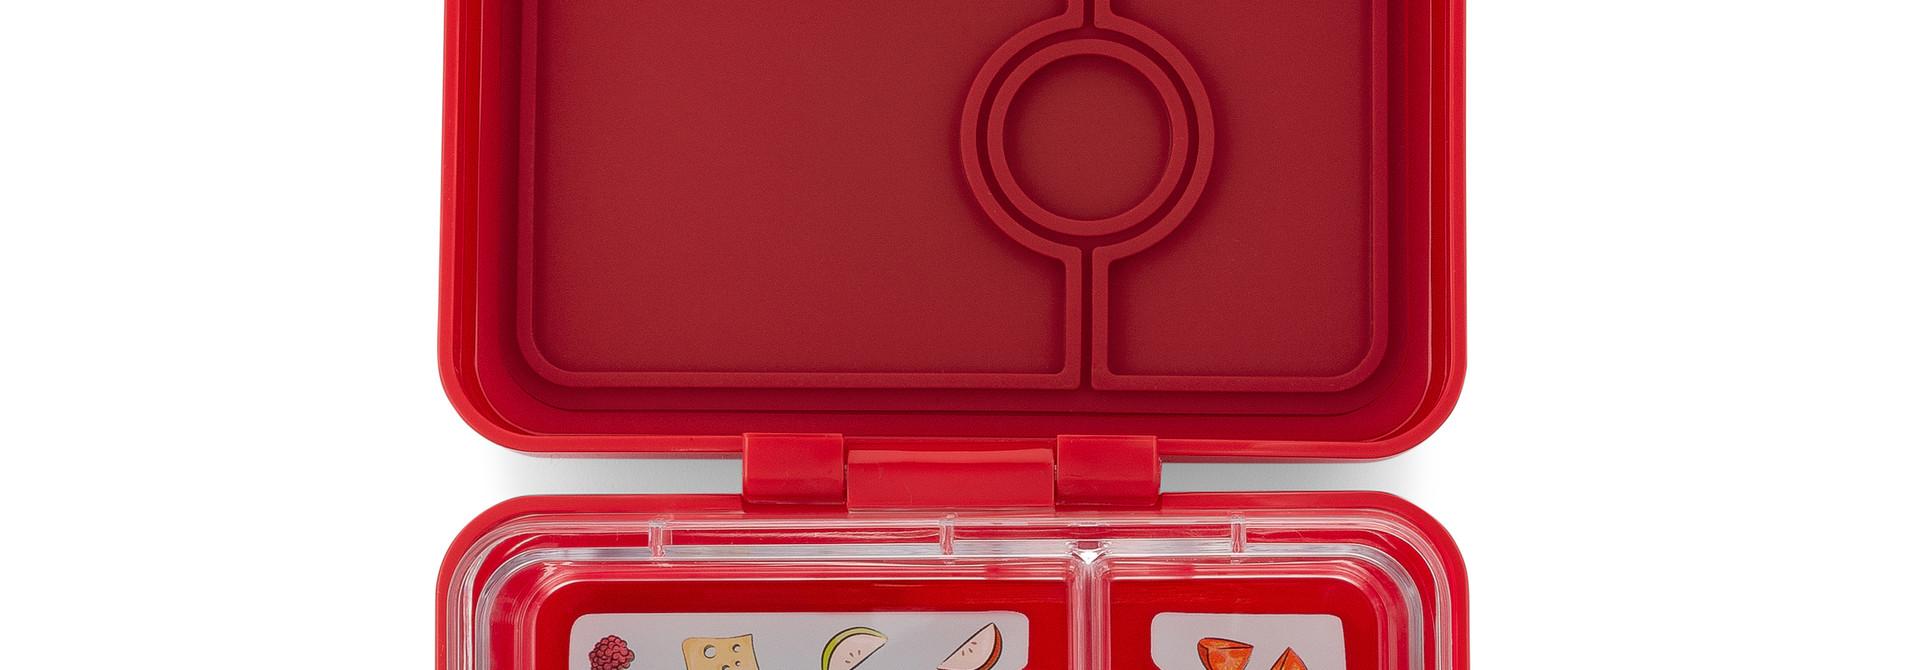 Yumbox MiniSnack broodtrommel 3 vakken Wow rood / Toucan tray